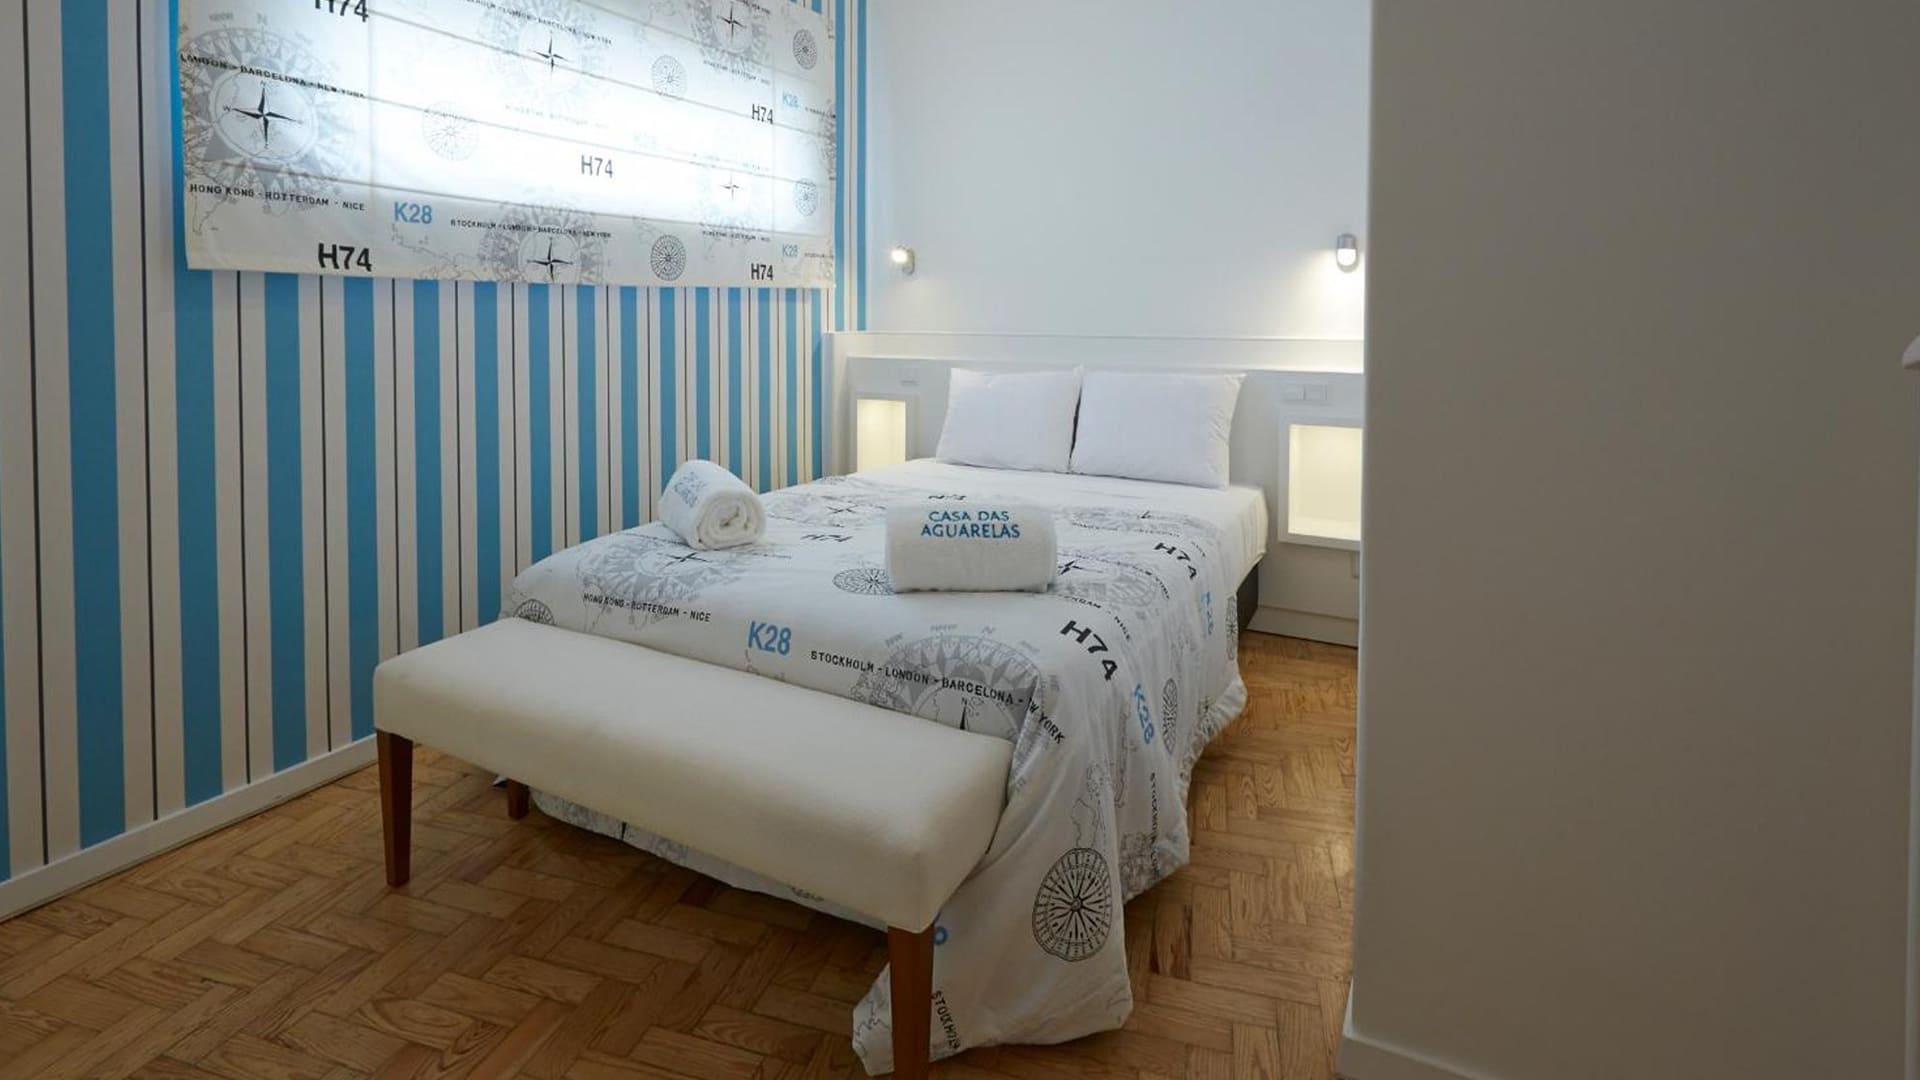 Apartamento com 2 quartos - Piso Térreo